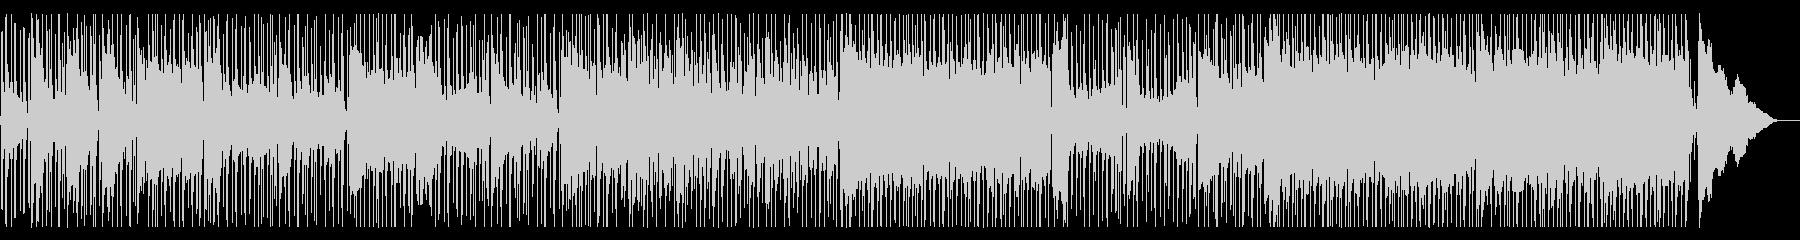 軽快なエレクトリック・ブルースの未再生の波形